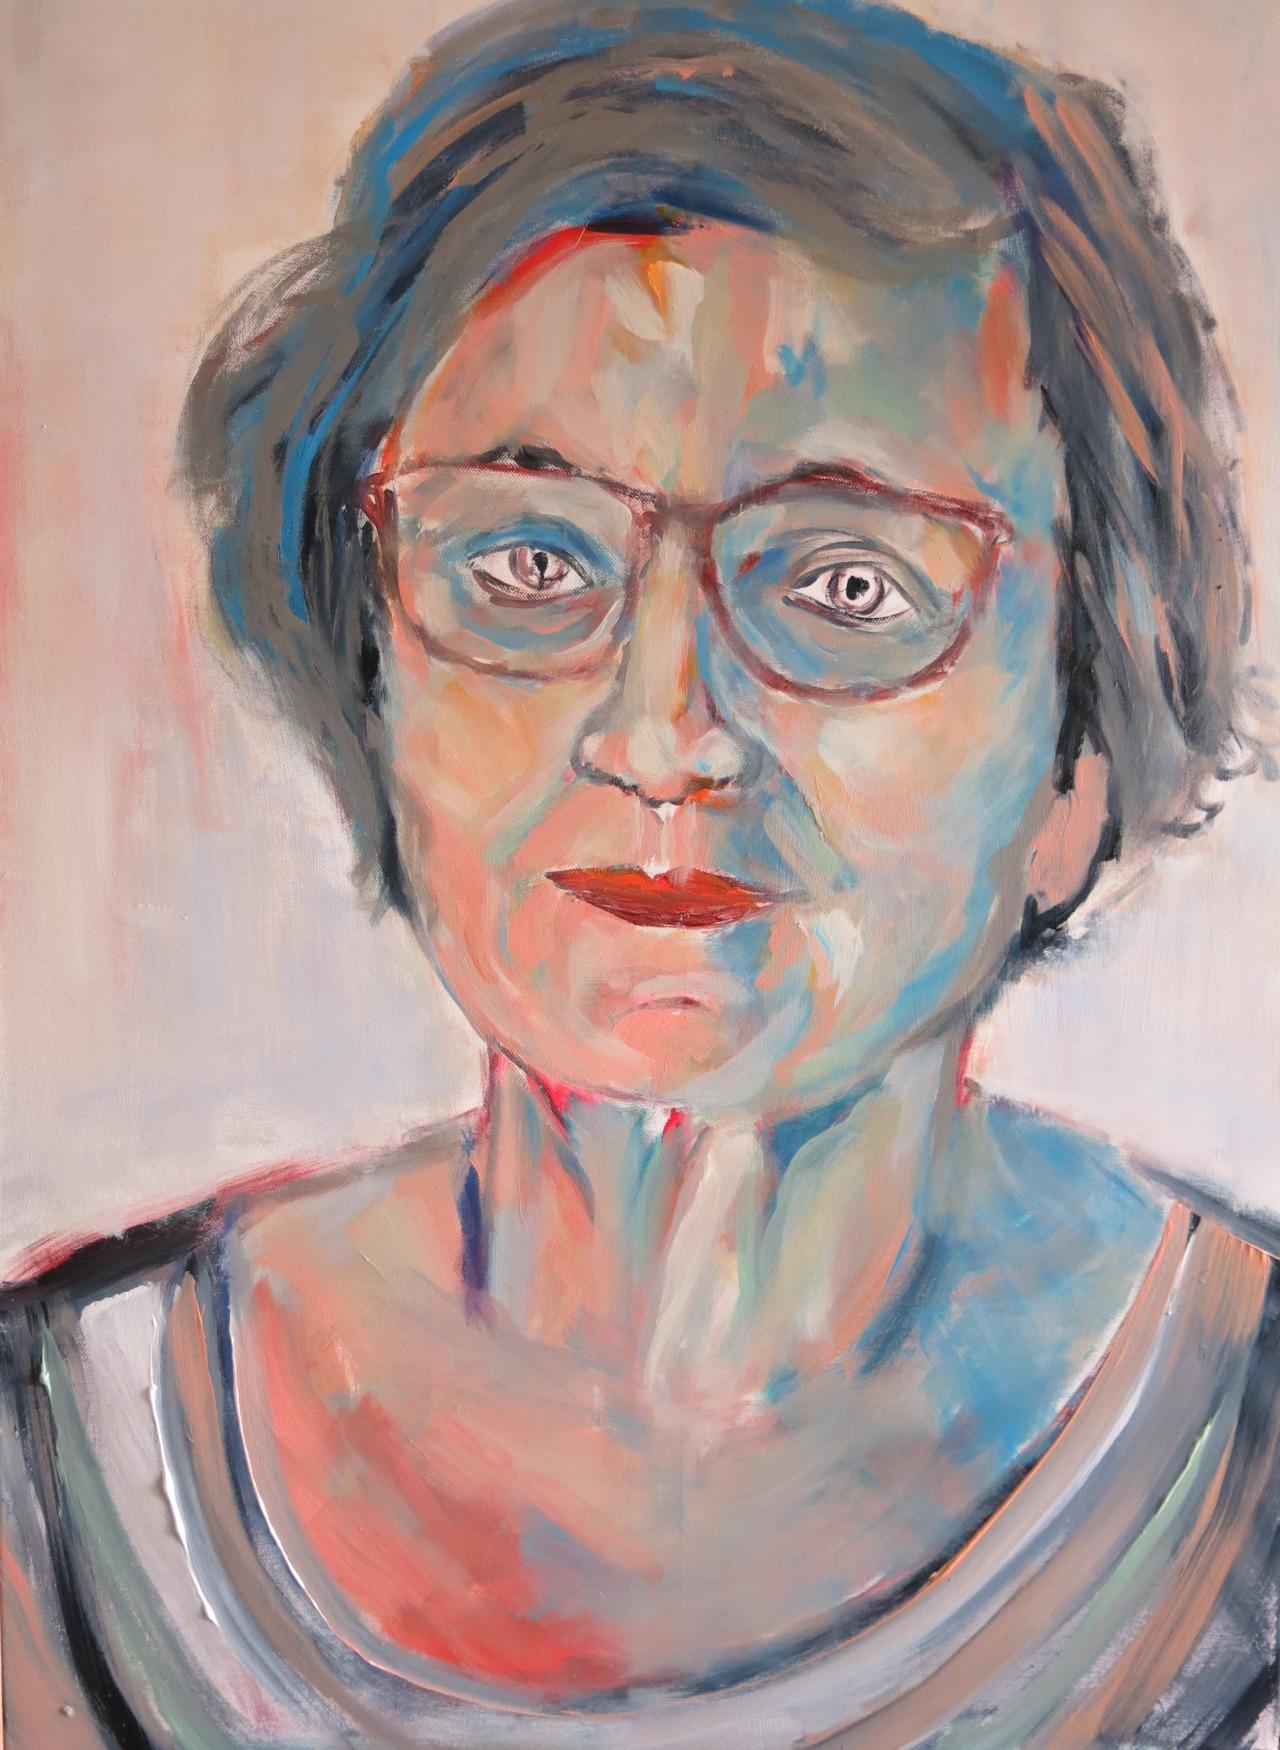 Eugenie II, Acryl auf Leinwand, 80x60 cm, 2014